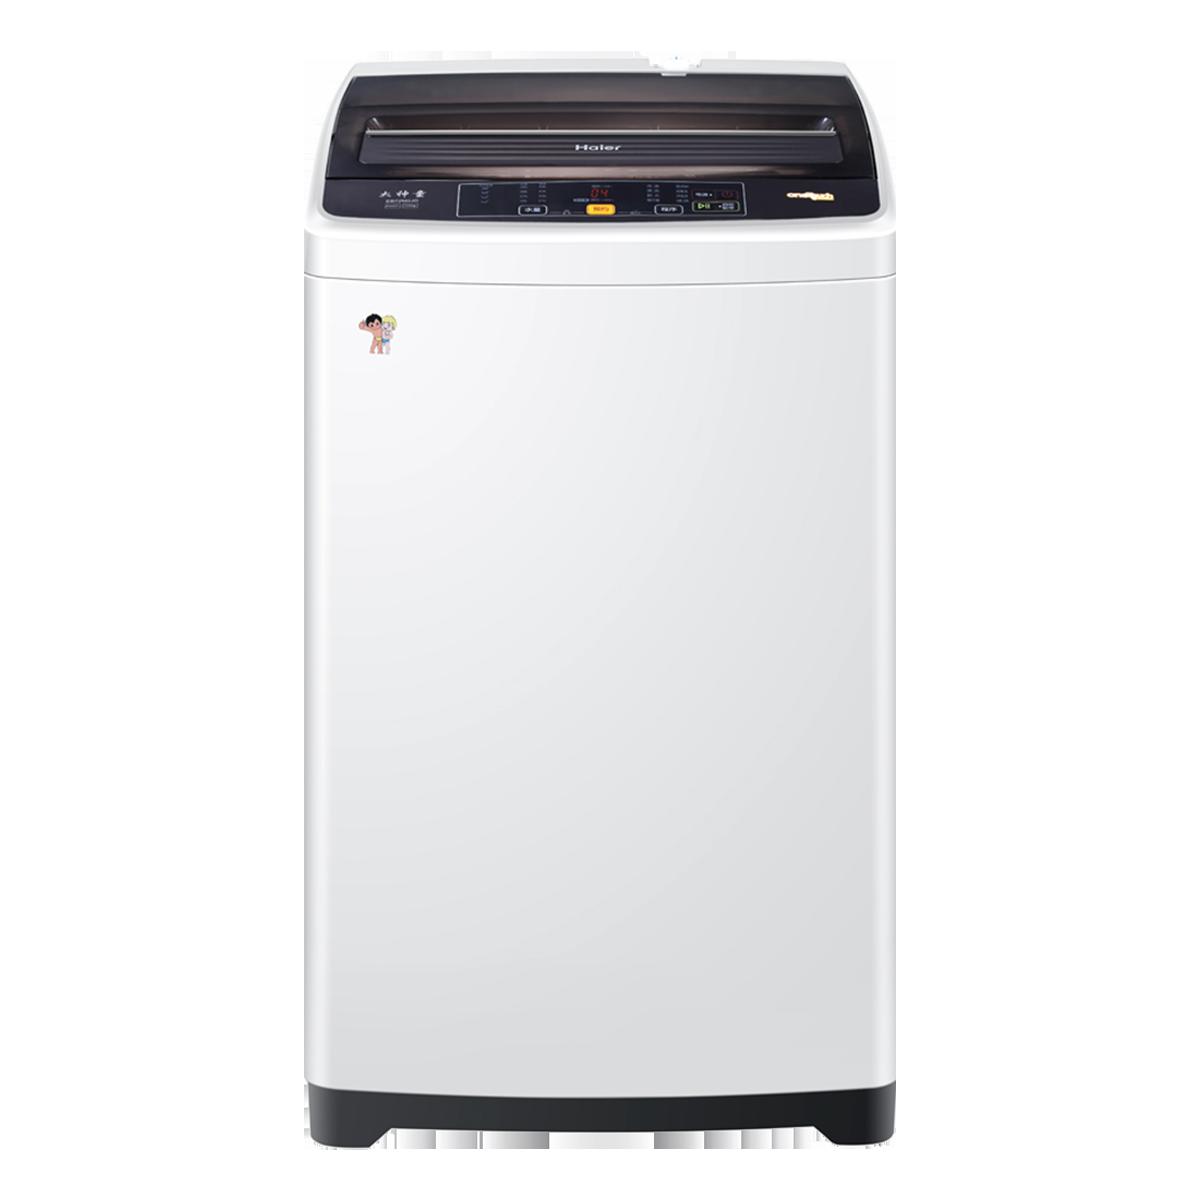 海尔Haier洗衣机 EB72M2JD 说明书